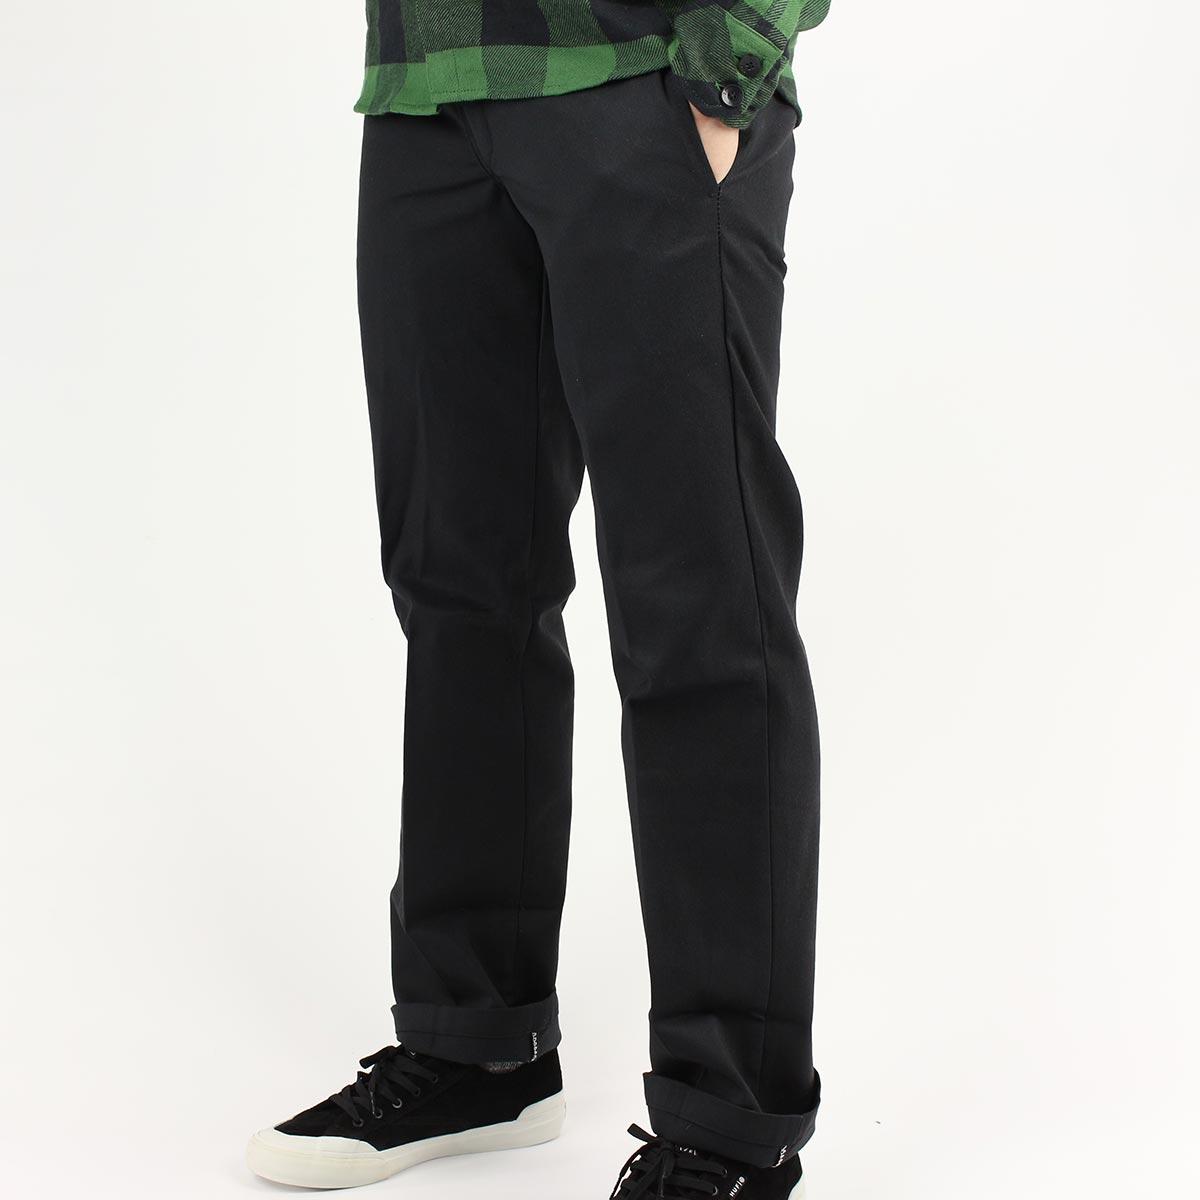 81887b00b1fde Dickies 873 Slim Straight Work Pant - Black